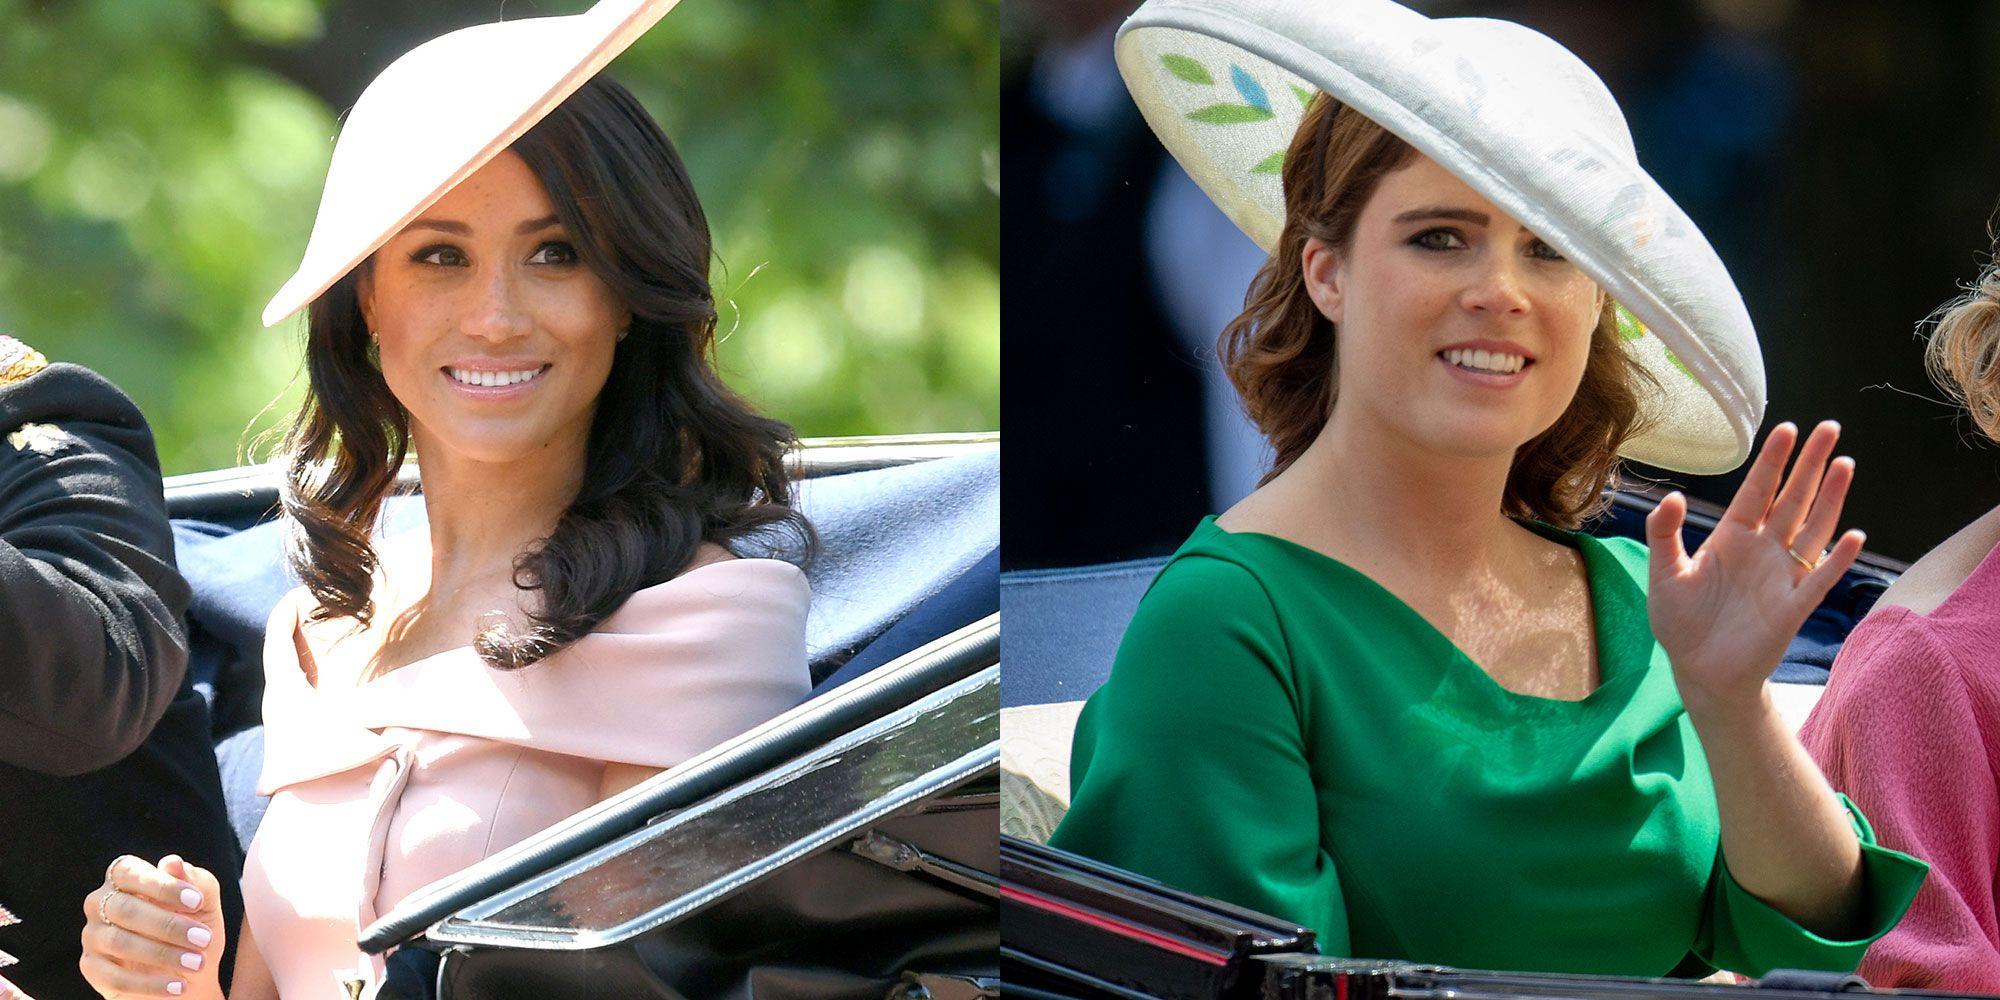 Meghan Markle and Princess Eugenie